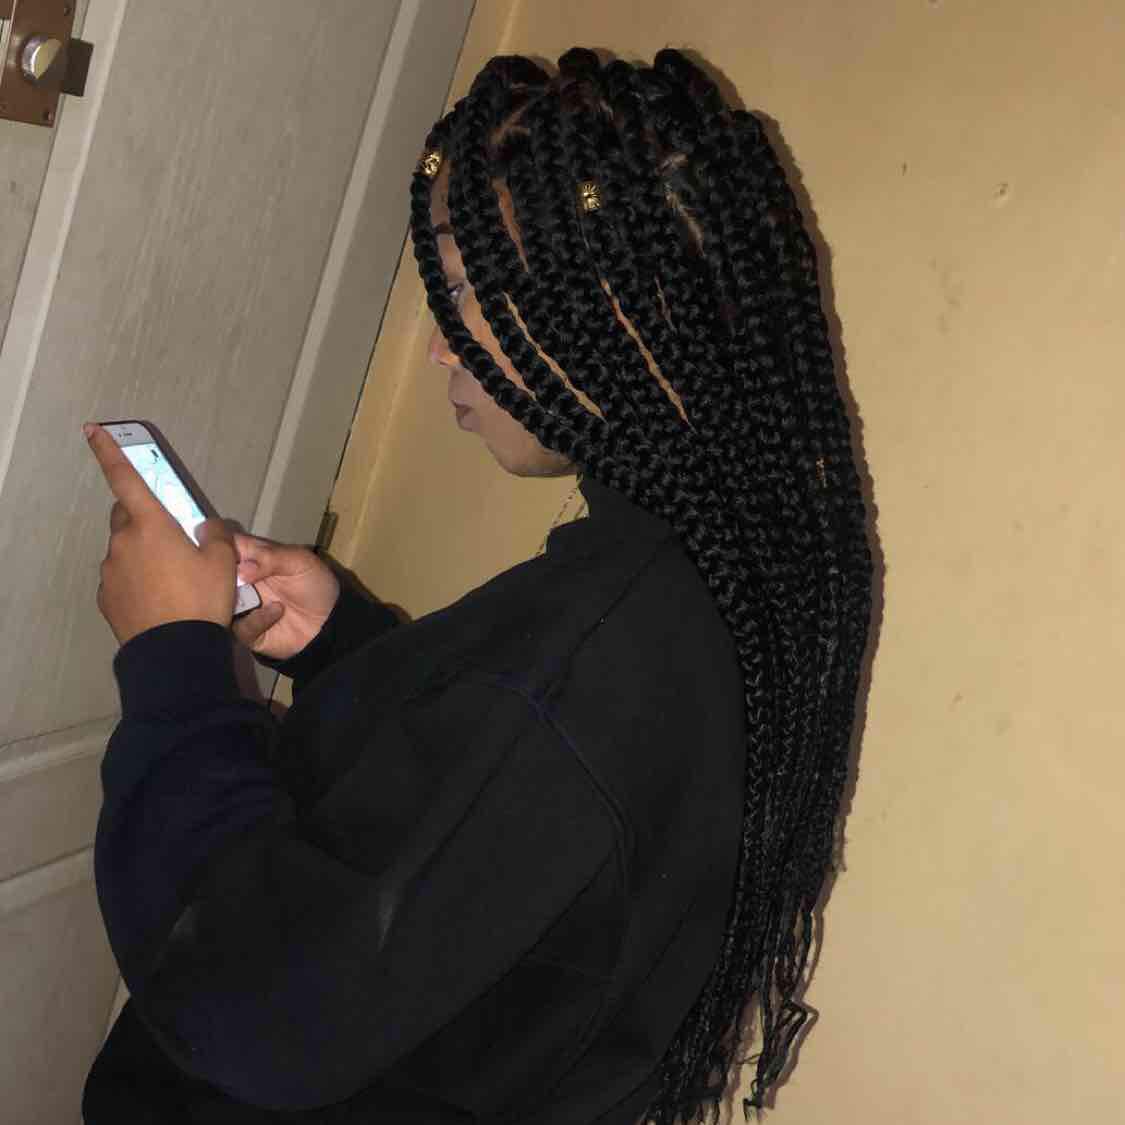 salon de coiffure afro tresse tresses box braids crochet braids vanilles tissages paris 75 77 78 91 92 93 94 95 QHXEFOBL